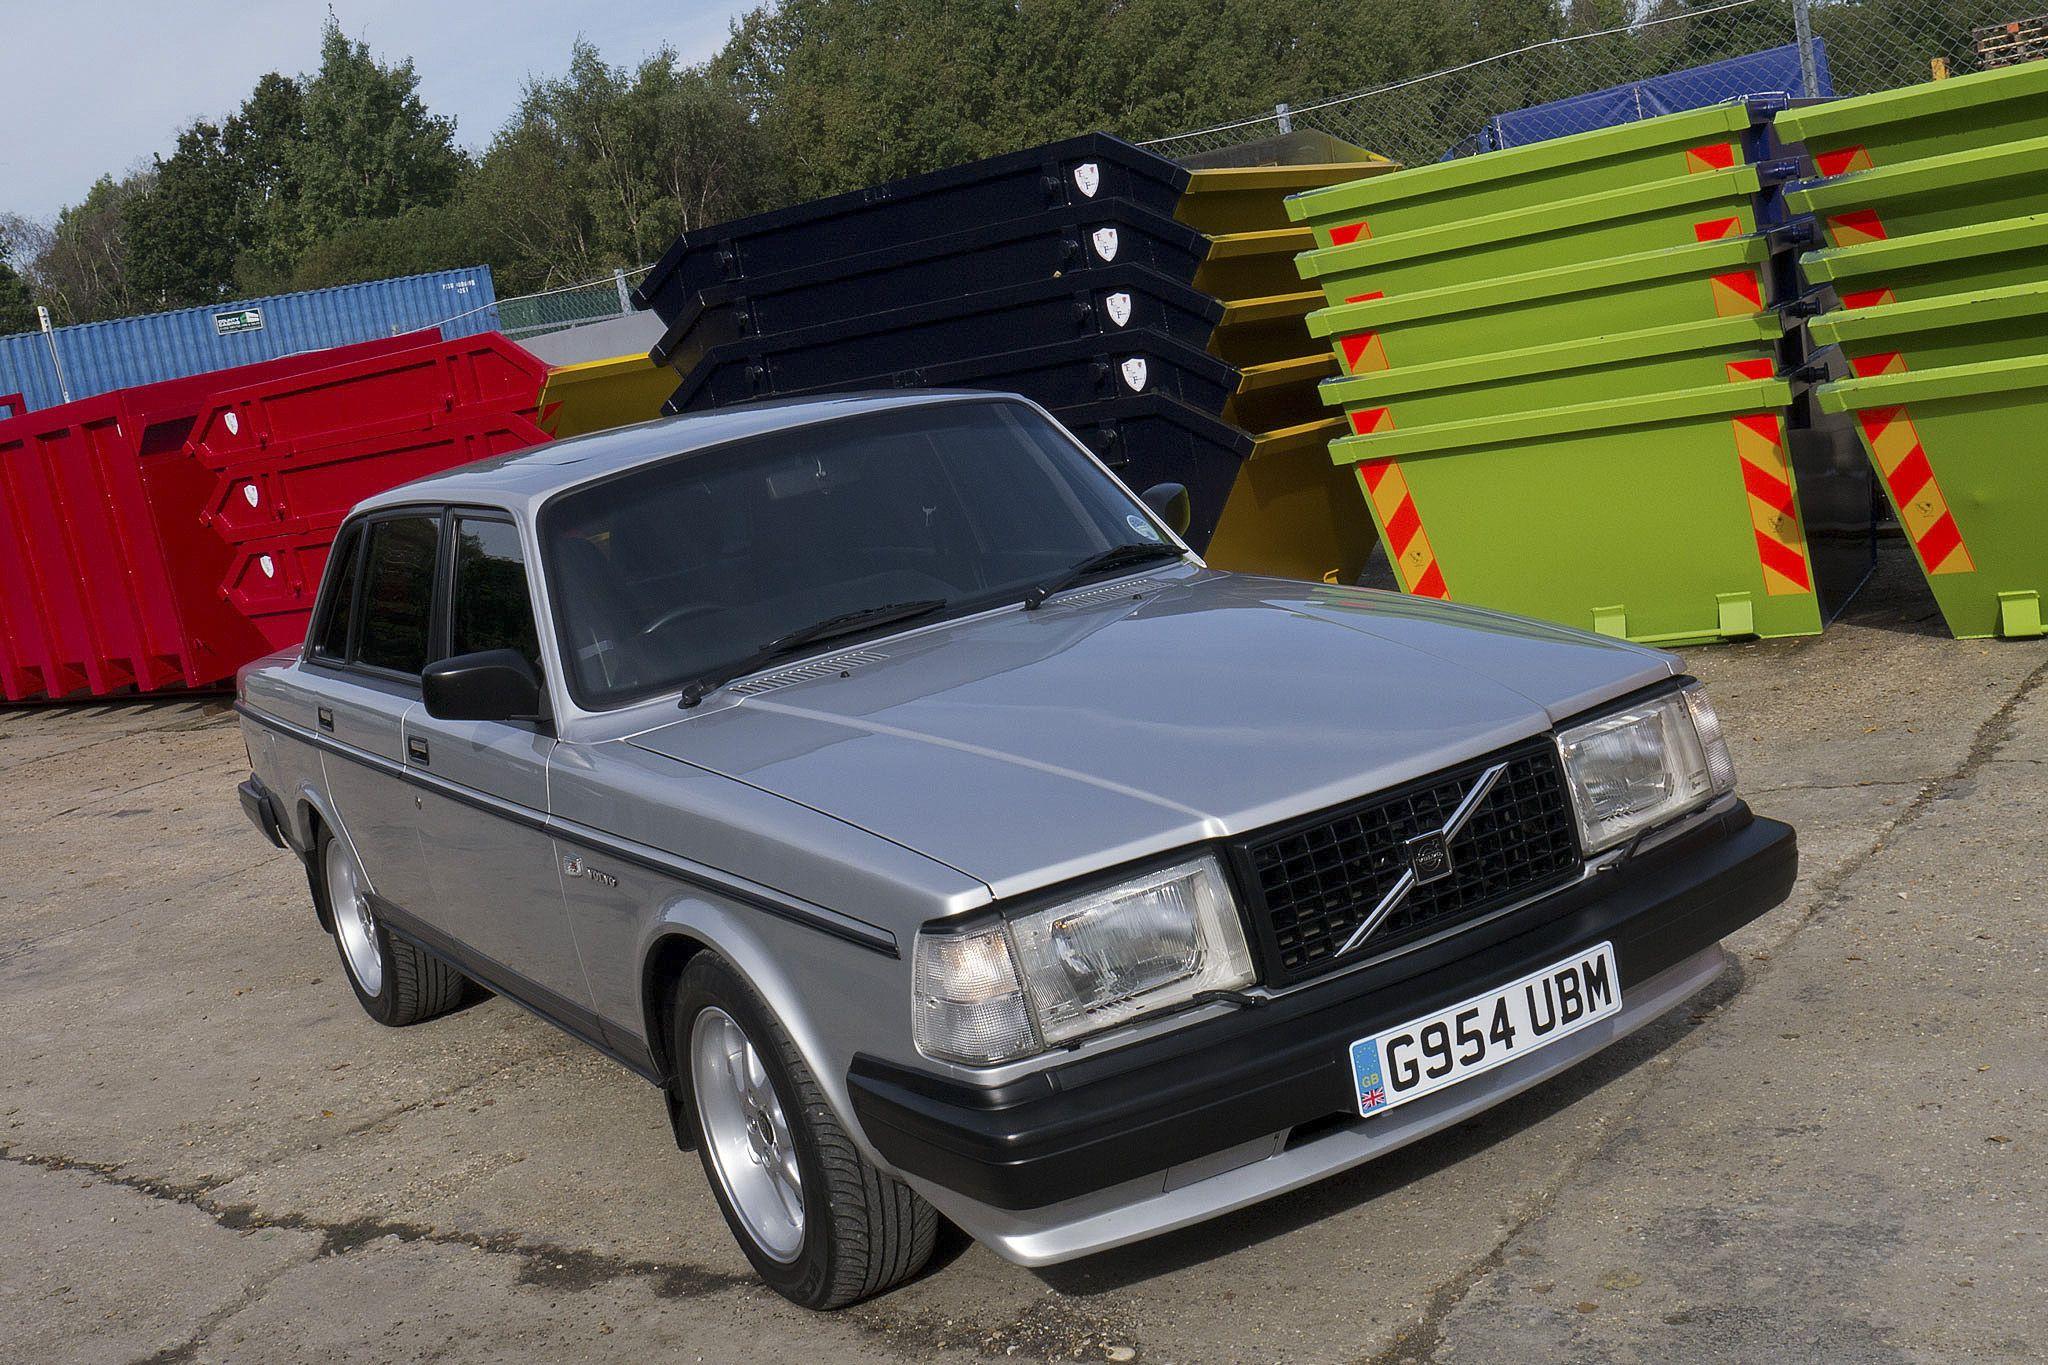 Volvo 240 GLT Saloon | Volvo 240 GLT | Pinterest | Volvo 240, Volvo and Volvo cars